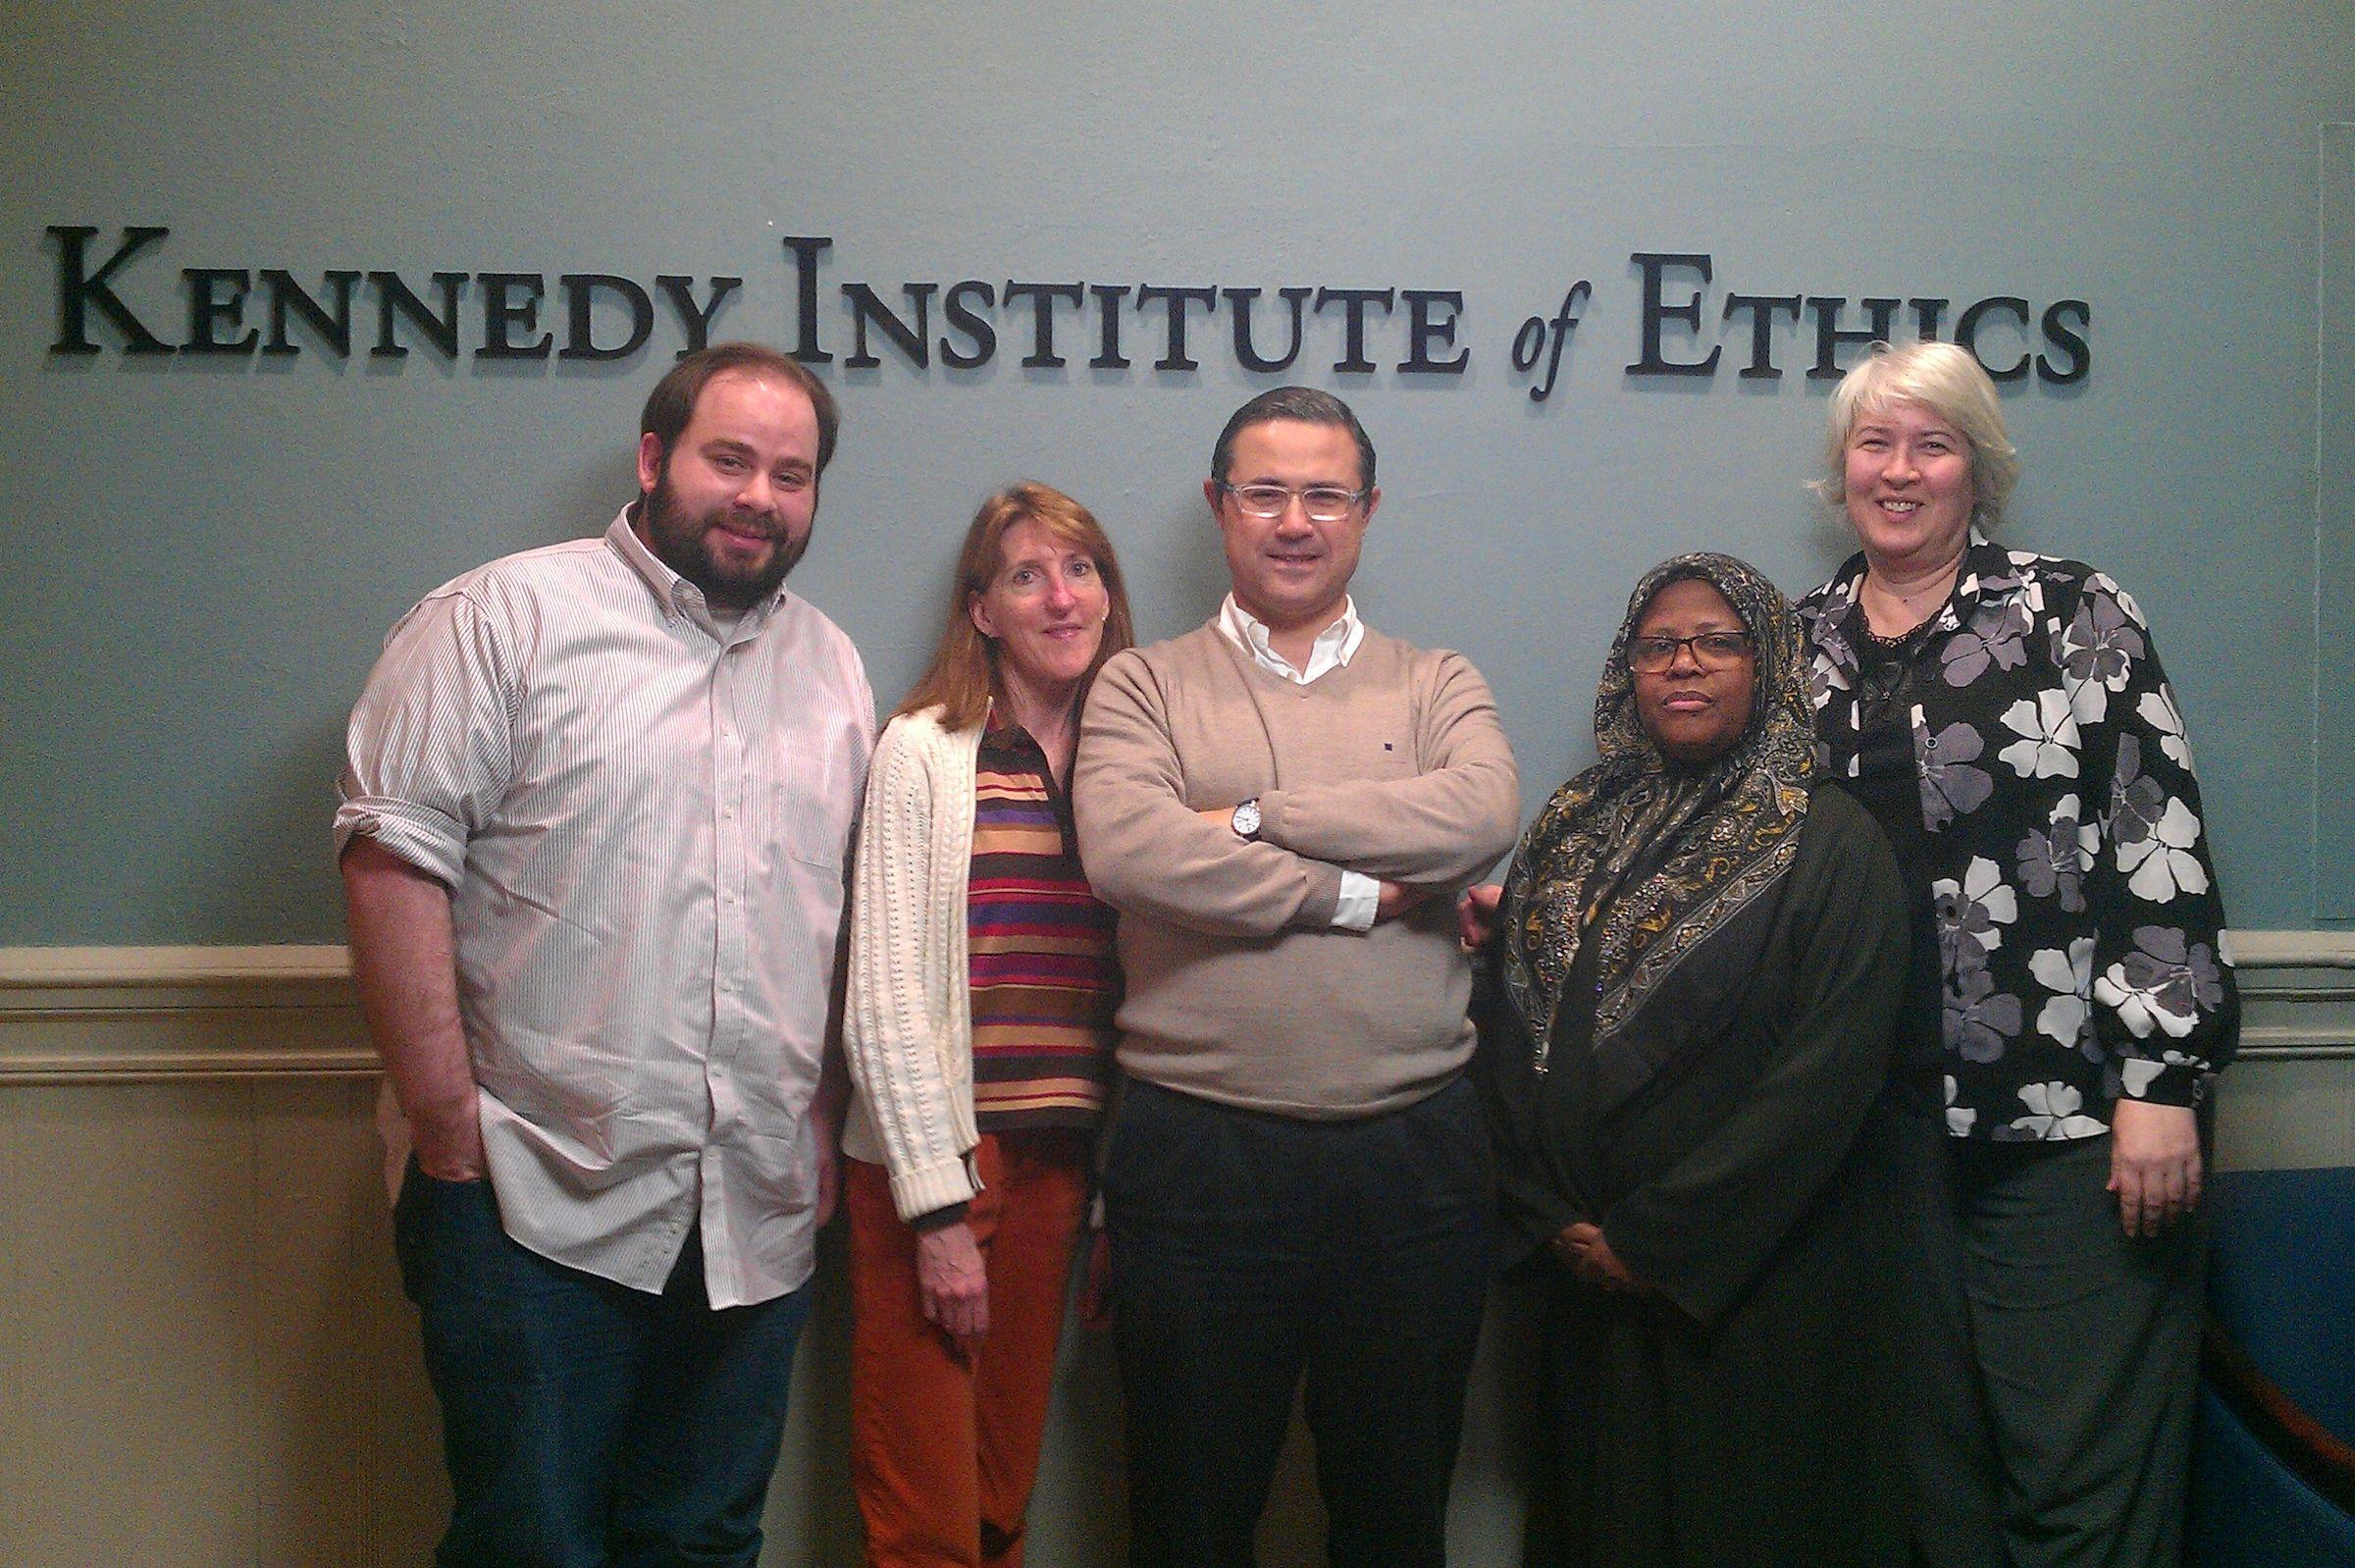 En el centro de la imagen, el profesor de la CEU-UCH Emilio García Sánchez, junto a investigadores del Kennedy Institute of Ethics de la Universidad de Georgetown, durante su estancia investigadora en Washington.